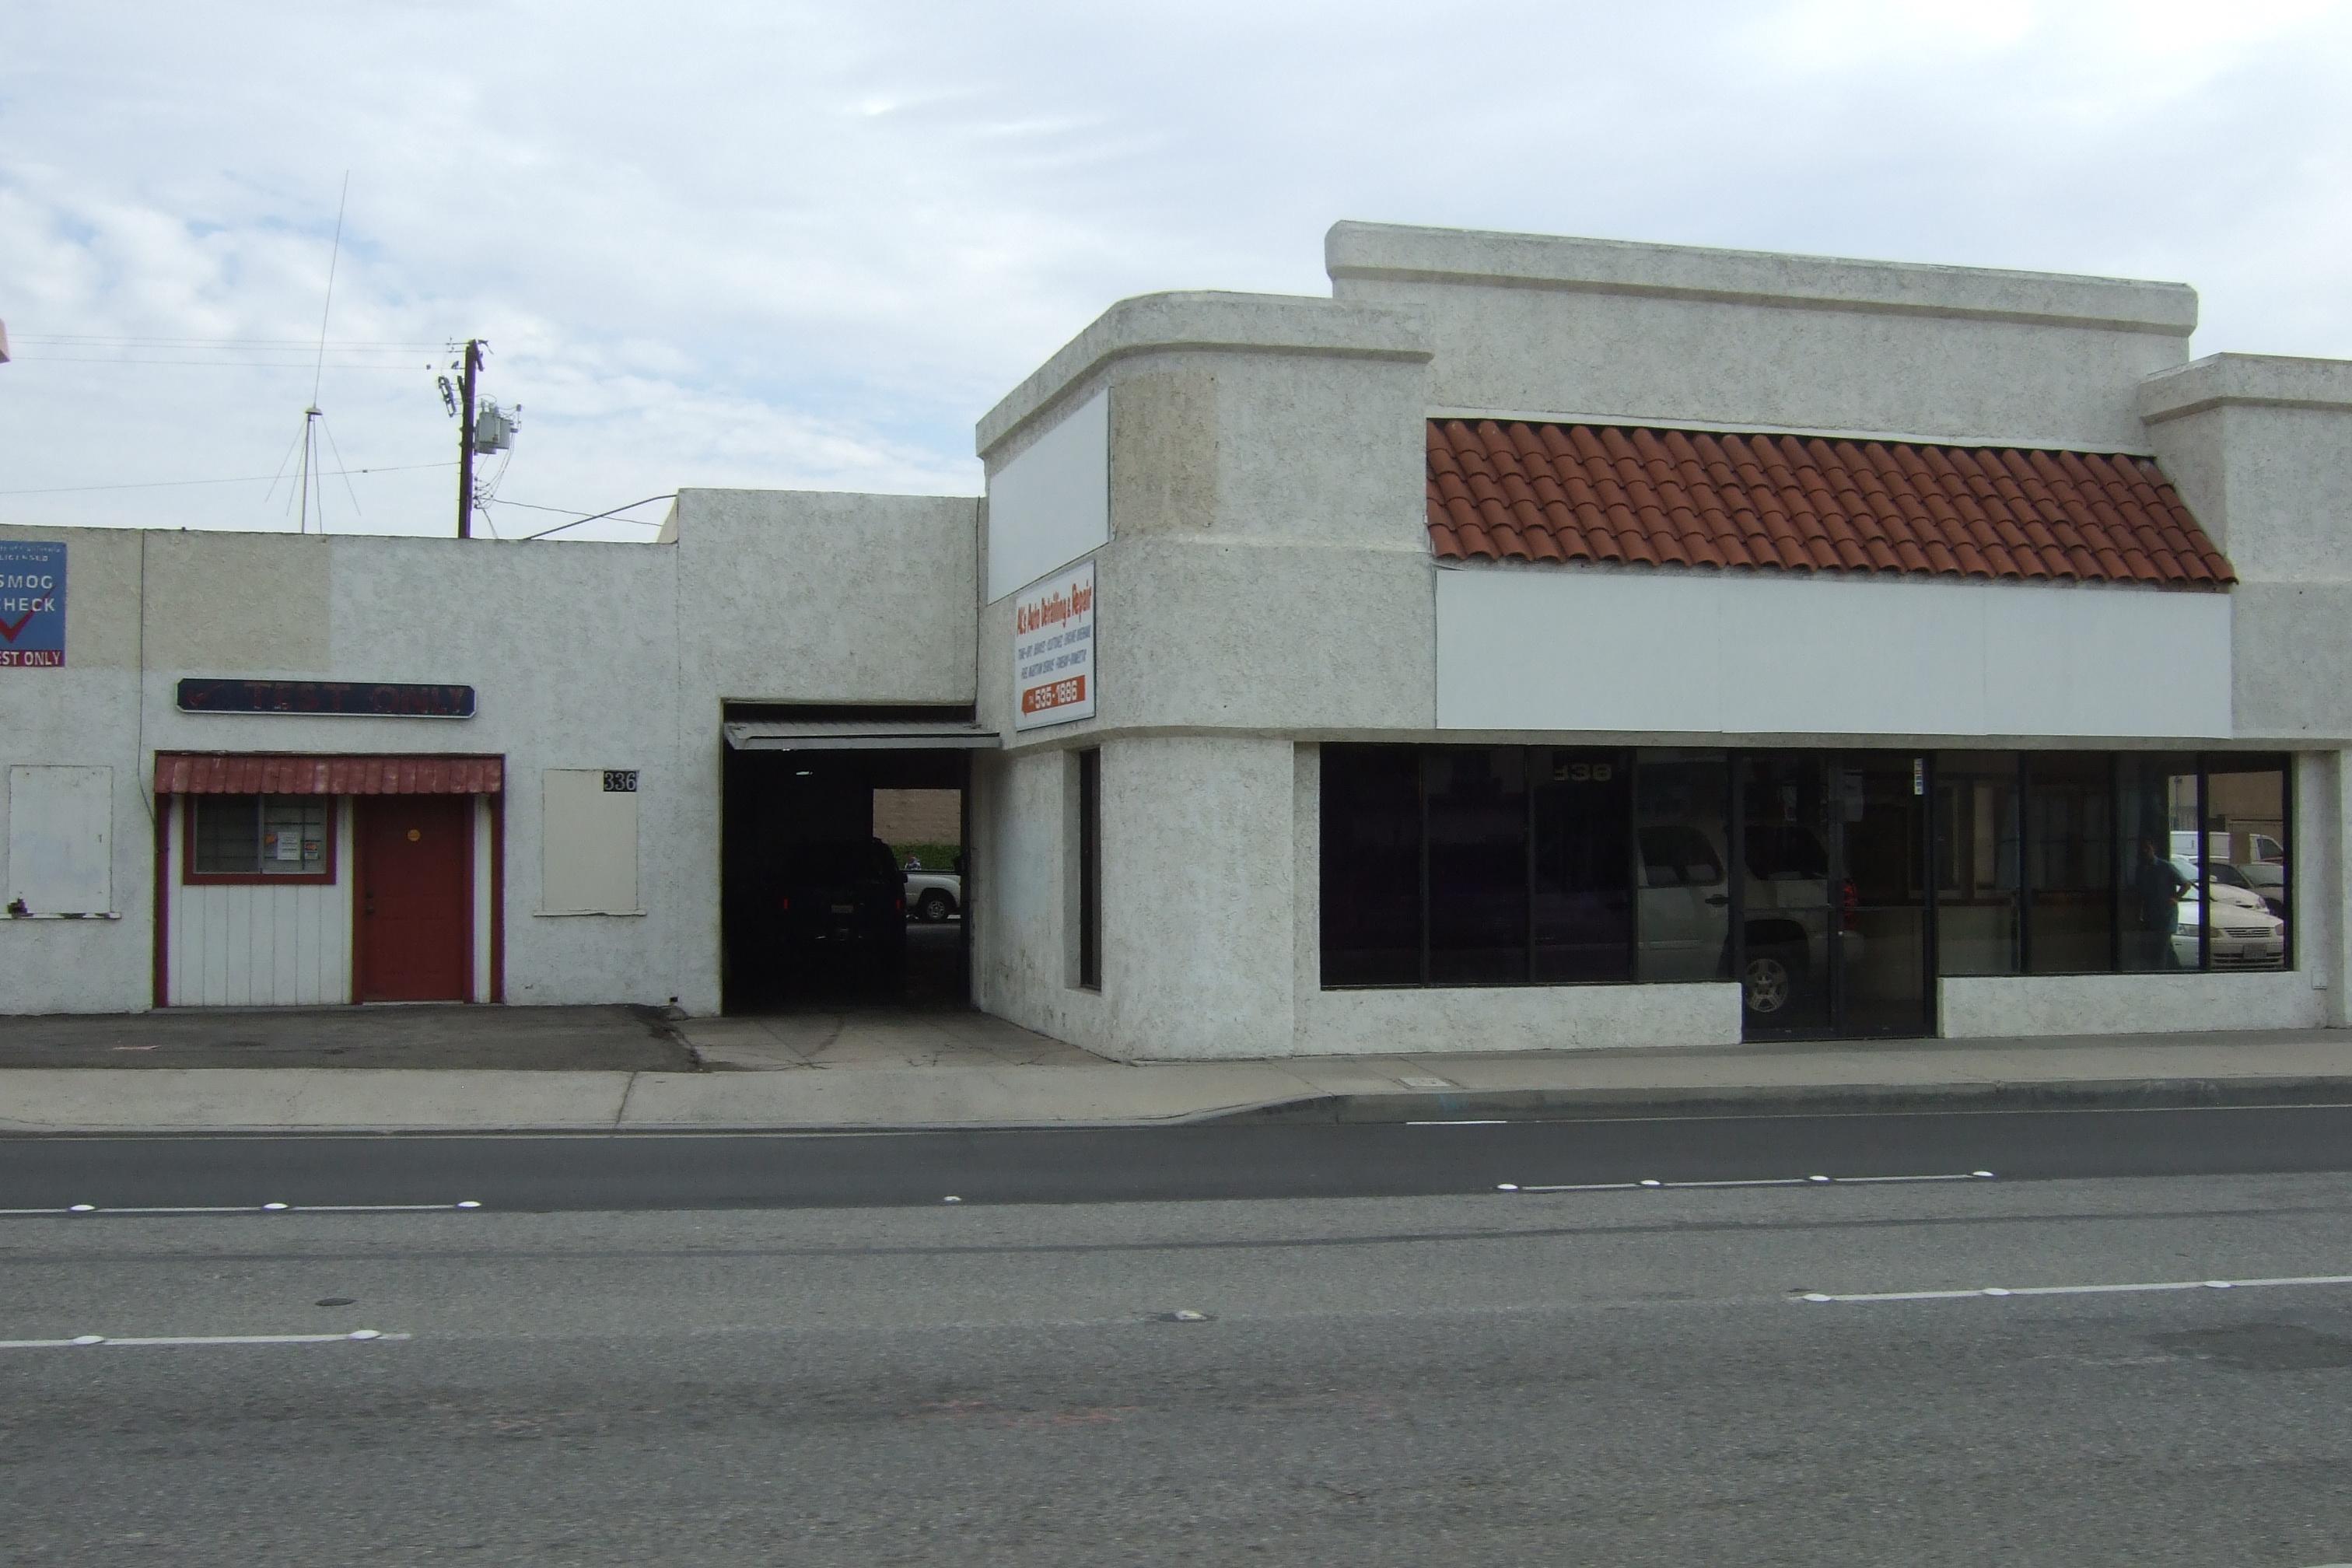 Packard building anaheim